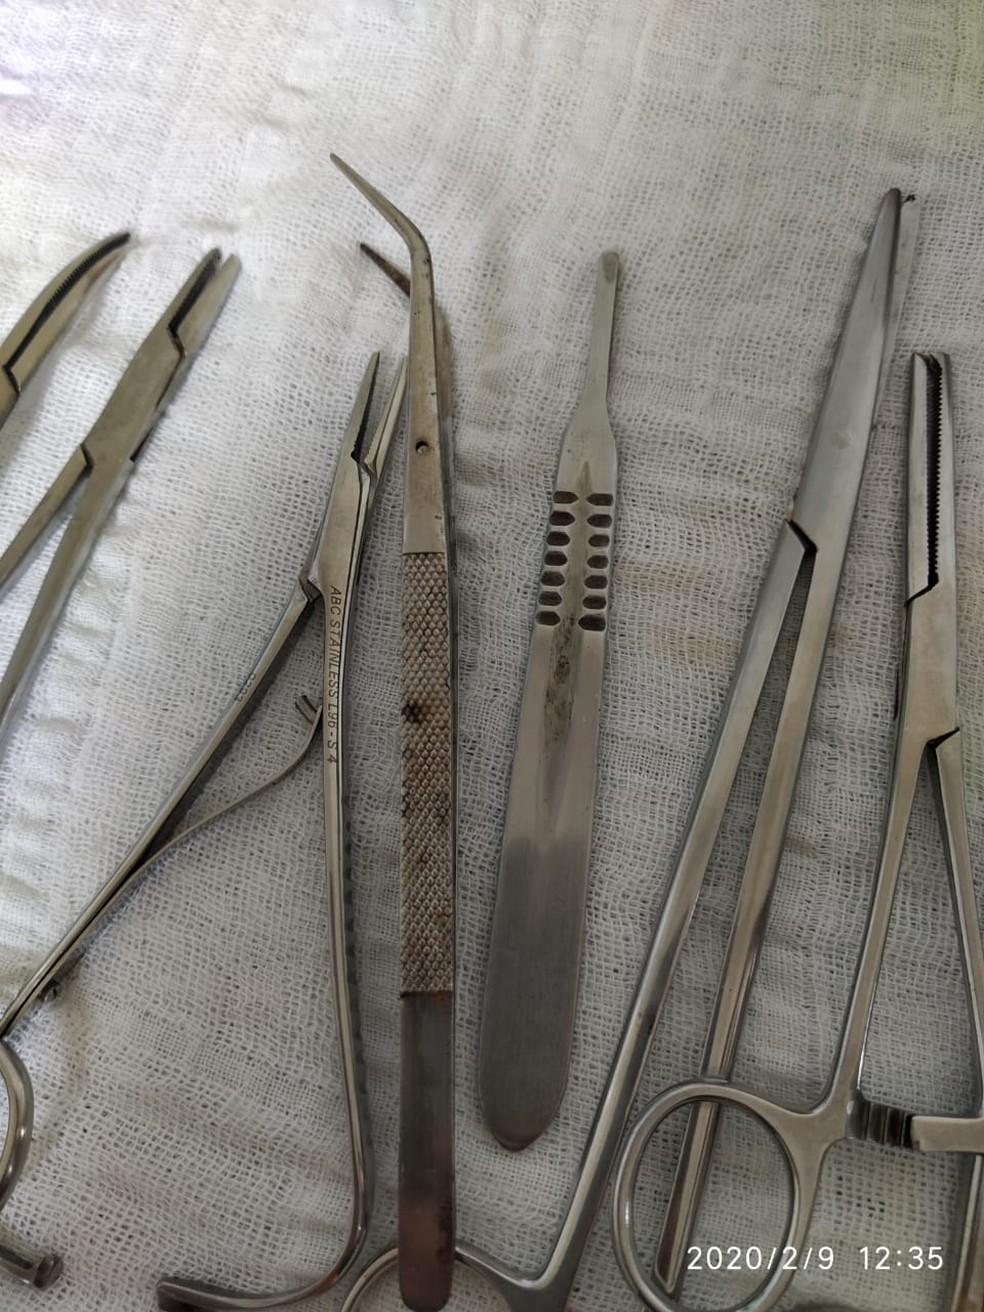 Coren encontou materiais sem esterelização adequada durante operação  — Foto: Coren/Divulgação